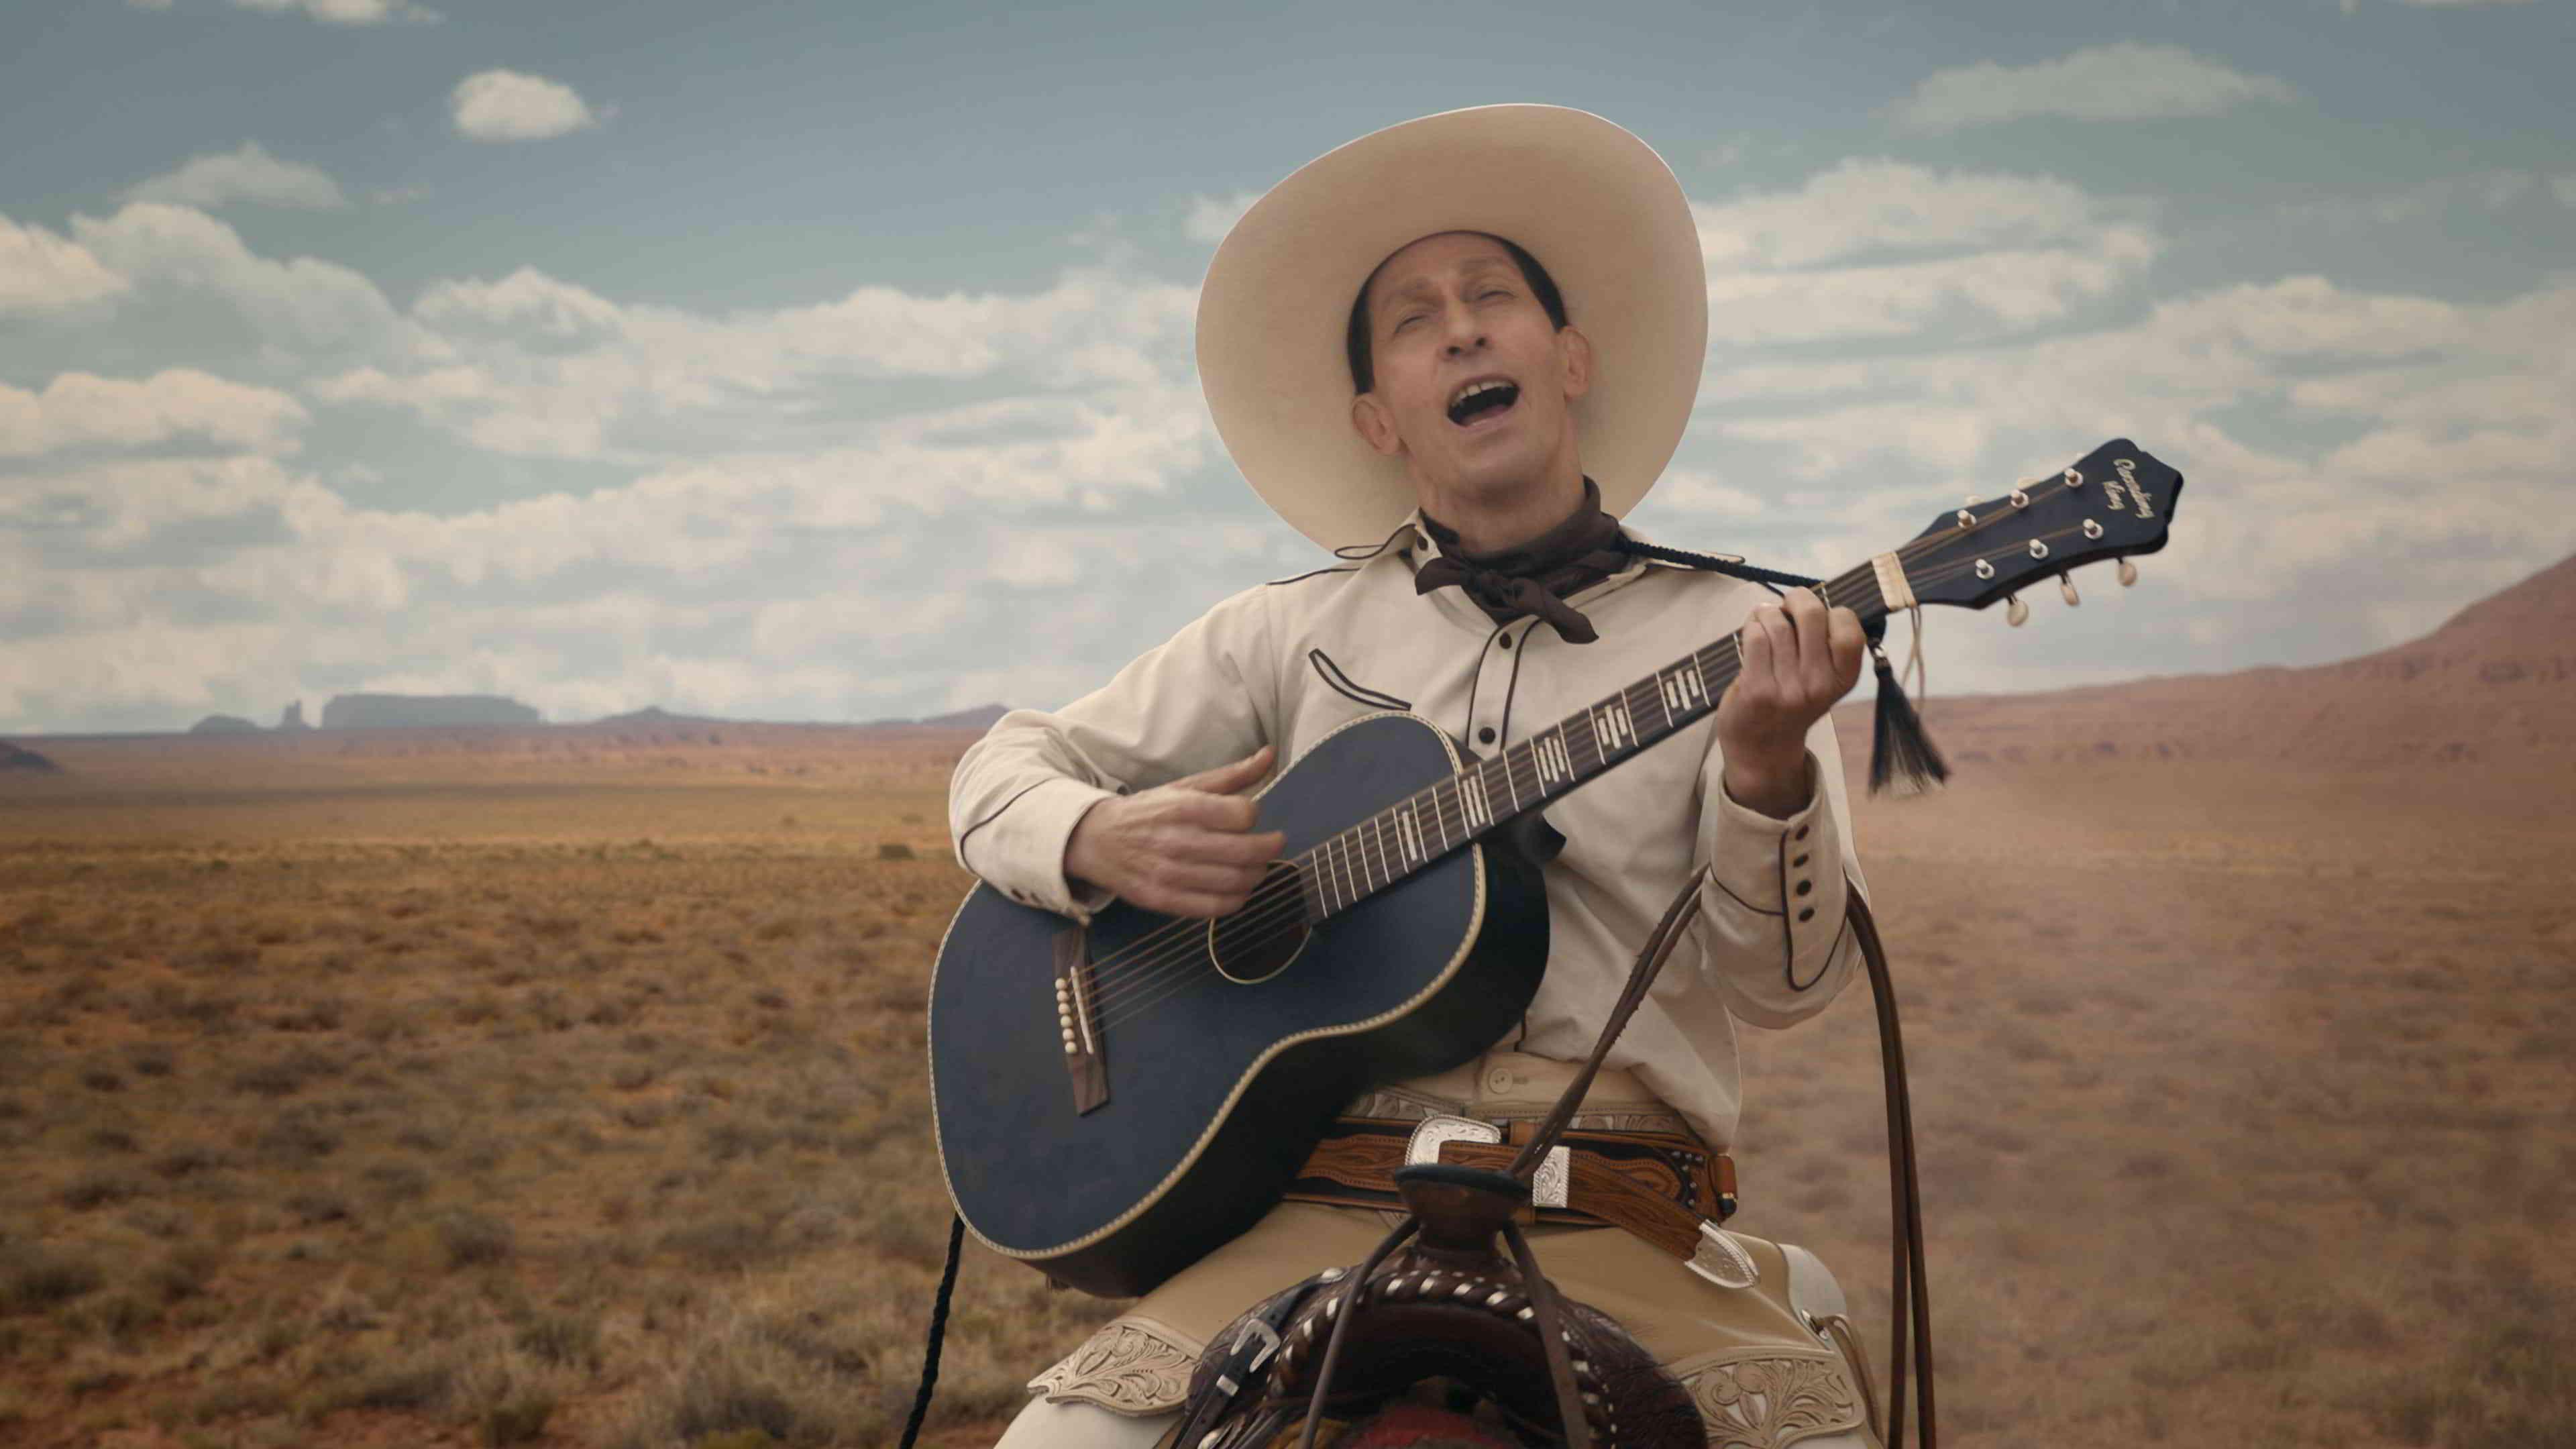 La Ballata di Buster Scruggs, rivisitazione del western